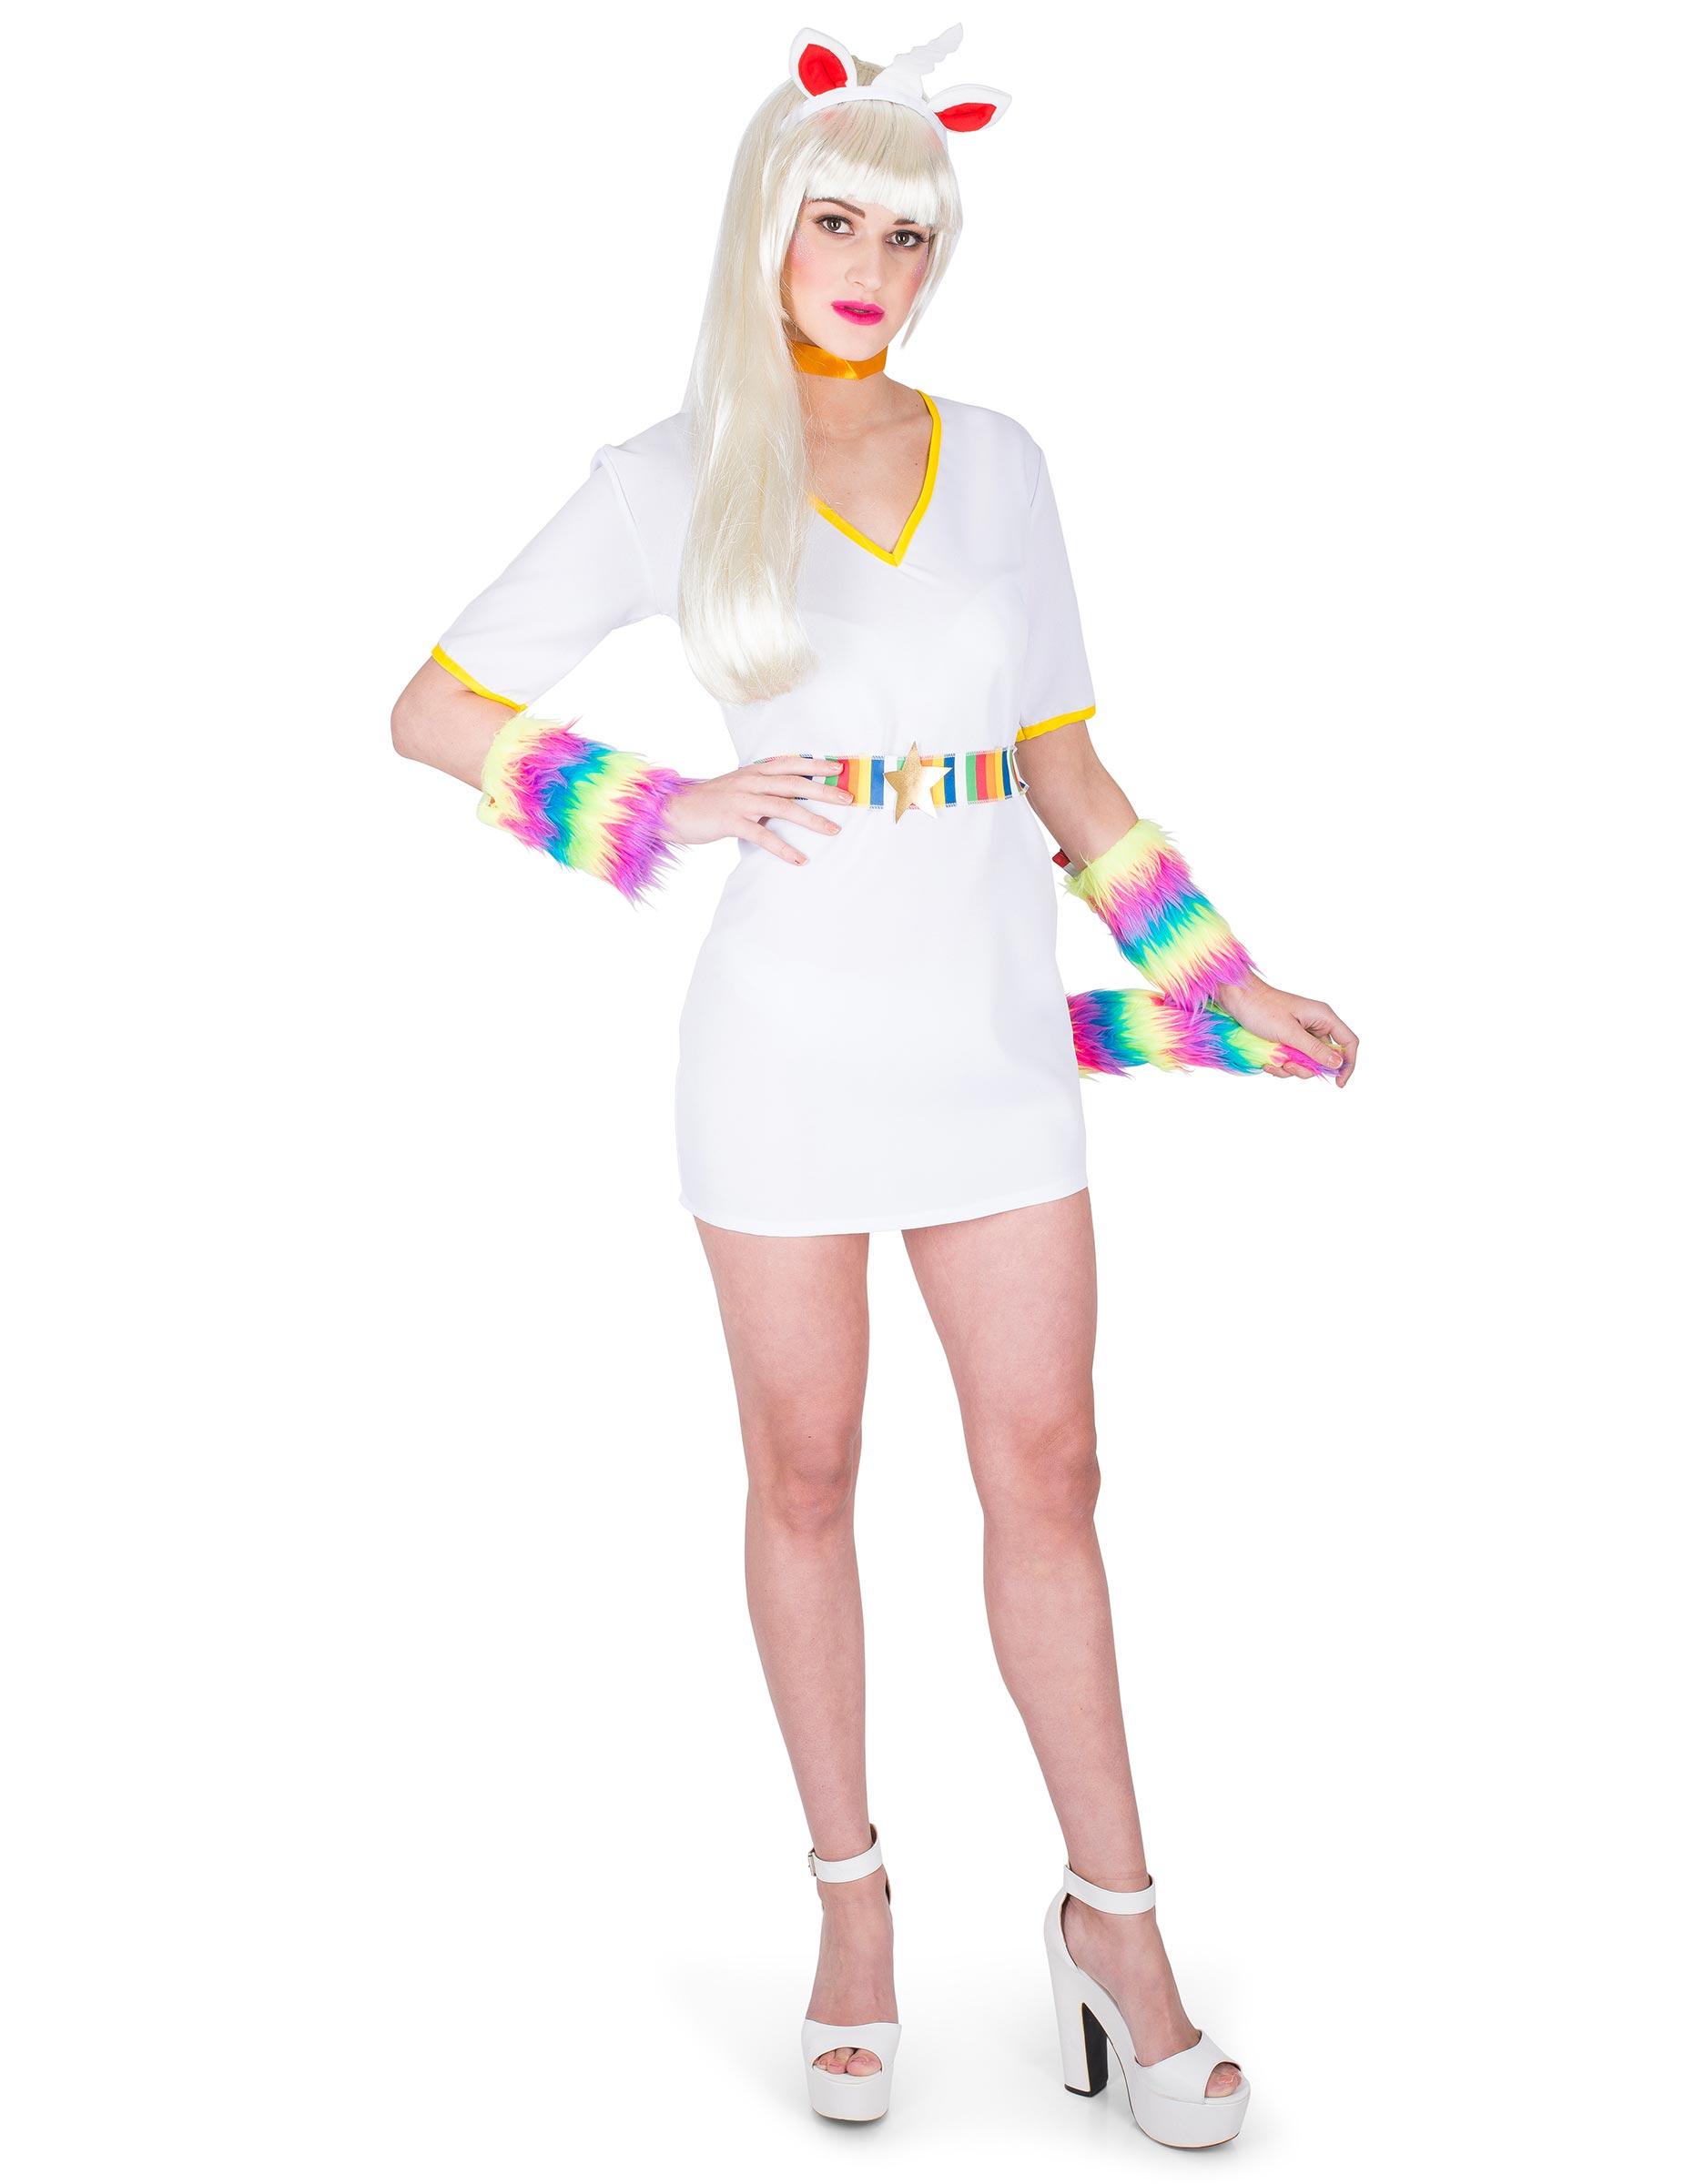 78f76a49116c Disfraz de unicornio mujer: Disfraces adultos,y disfraces originales ...